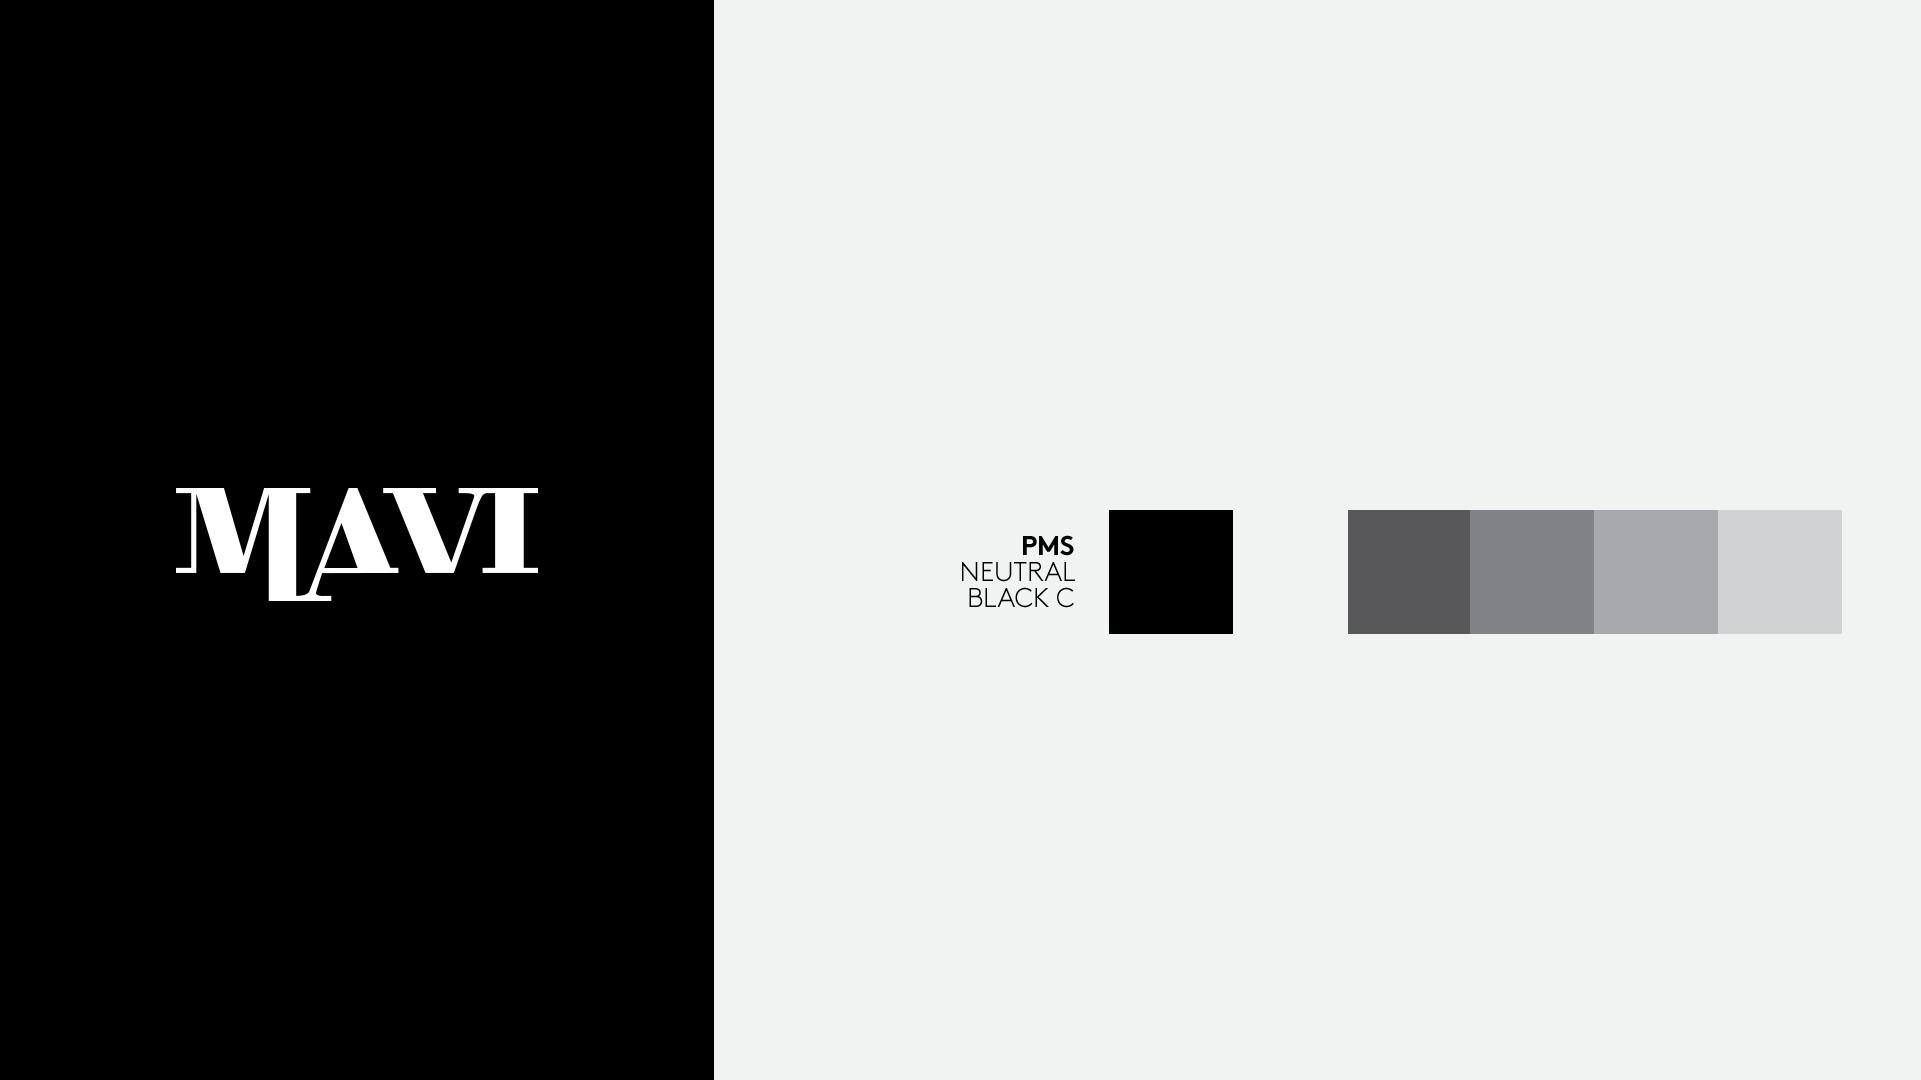 mavi-2_assecommunication